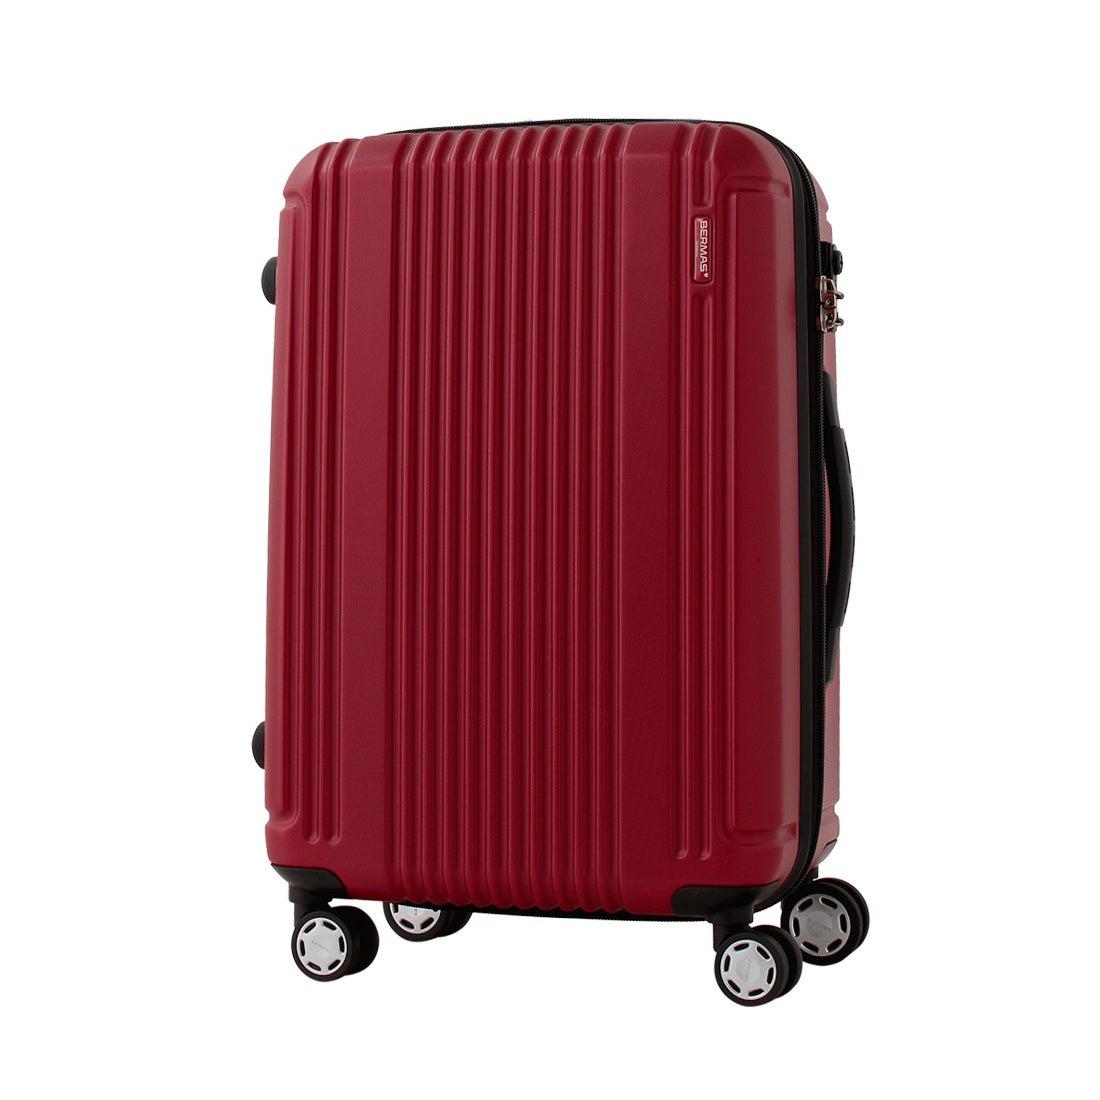 ロコンド 靴とファッションの通販サイト【SAC'SBAR】バーマスBERMASスーツケース602626025249cmプレステージ2ファスナータイプ【44】ワイン